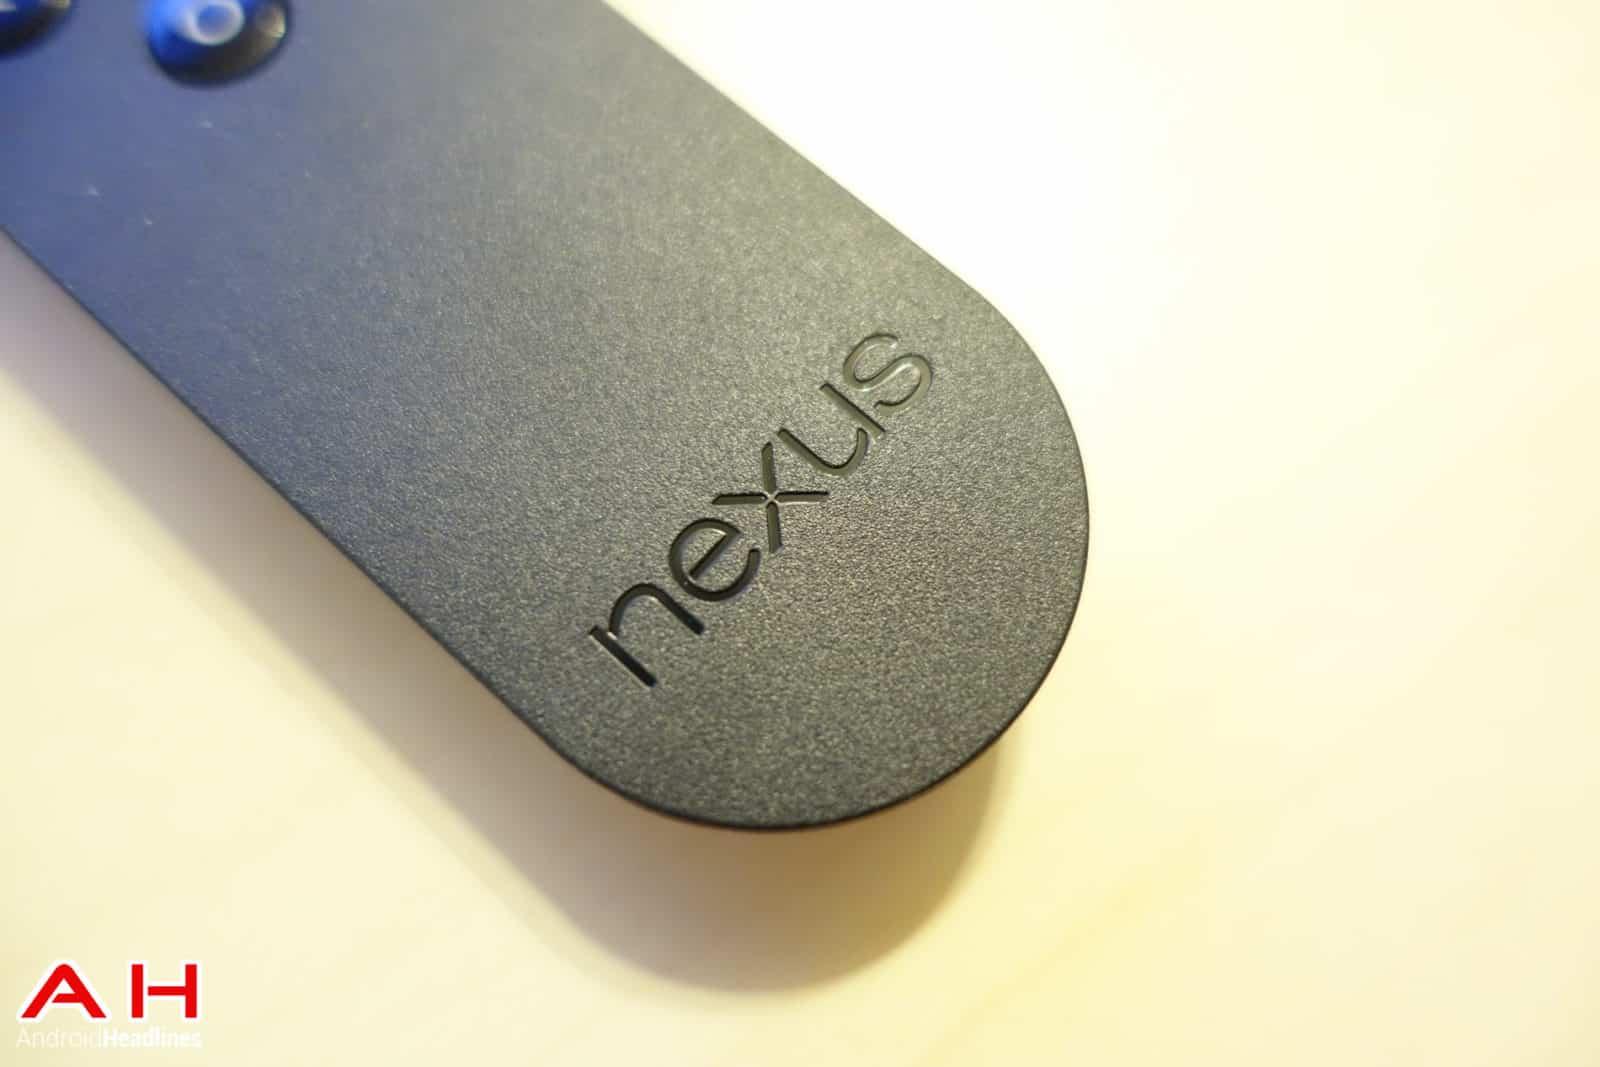 Nexus-Player-Review-AH-10